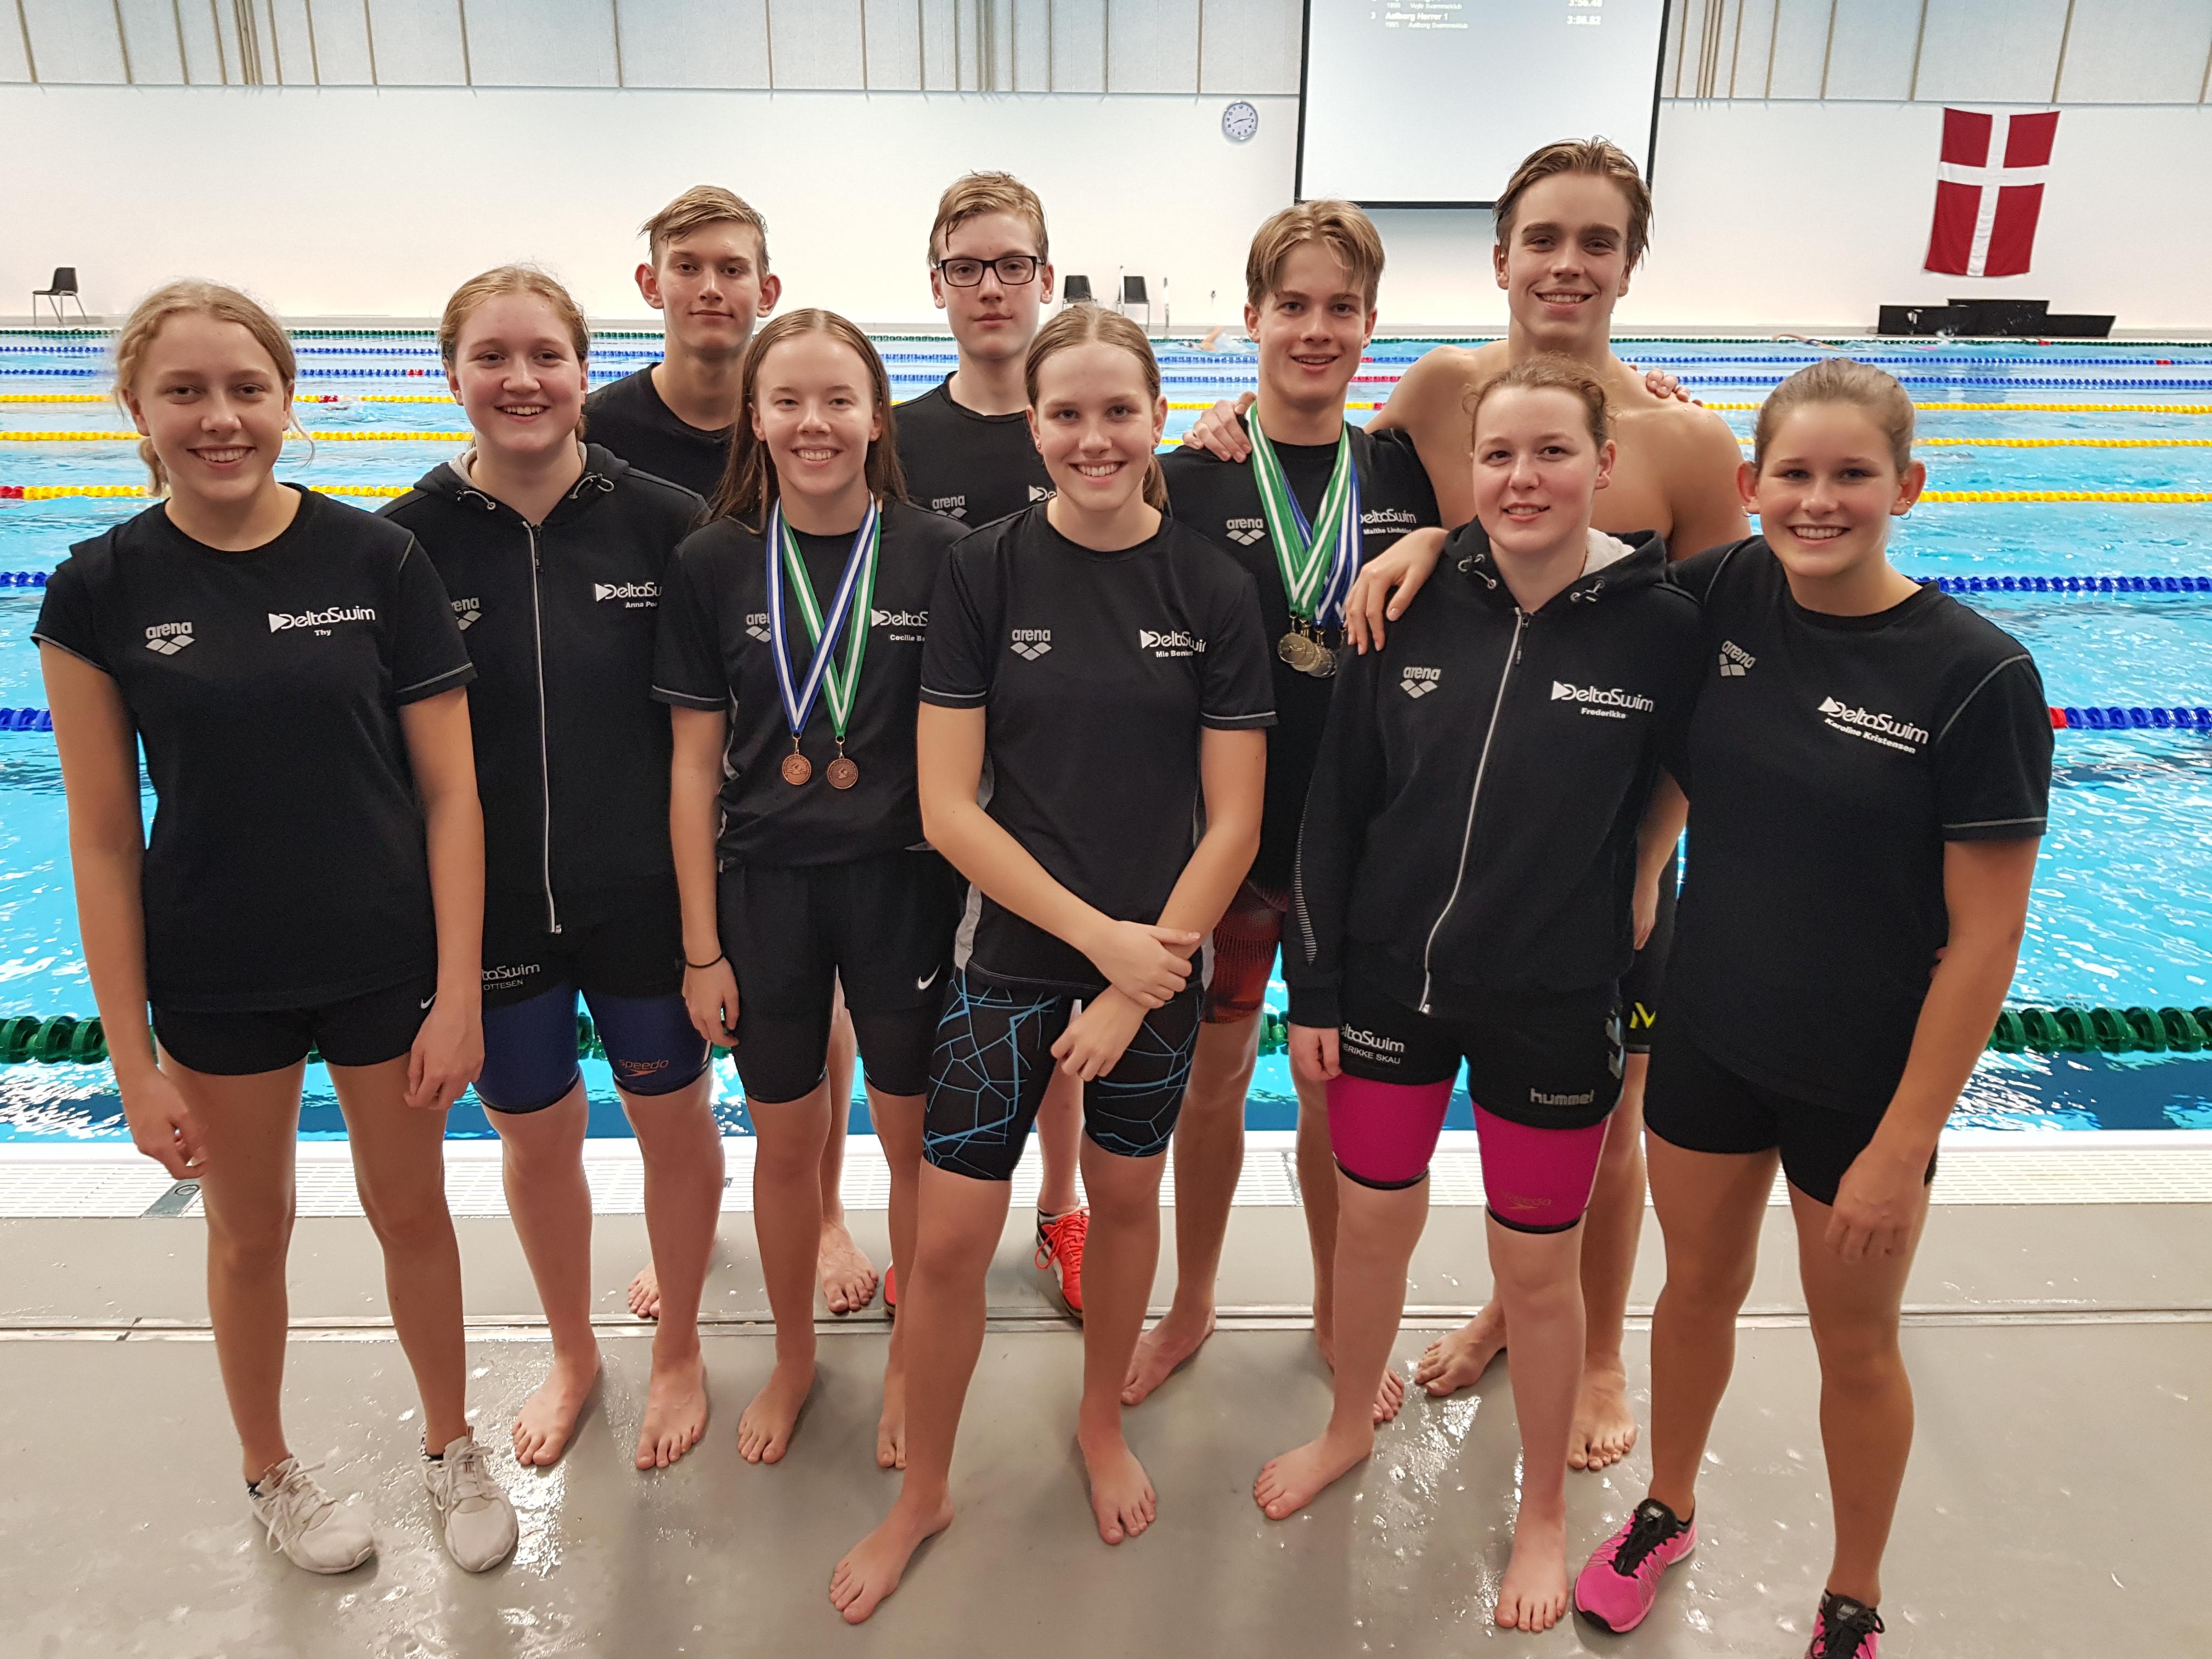 Deltaswim havde 10 svømmere med til Vestdanske mesterskaber